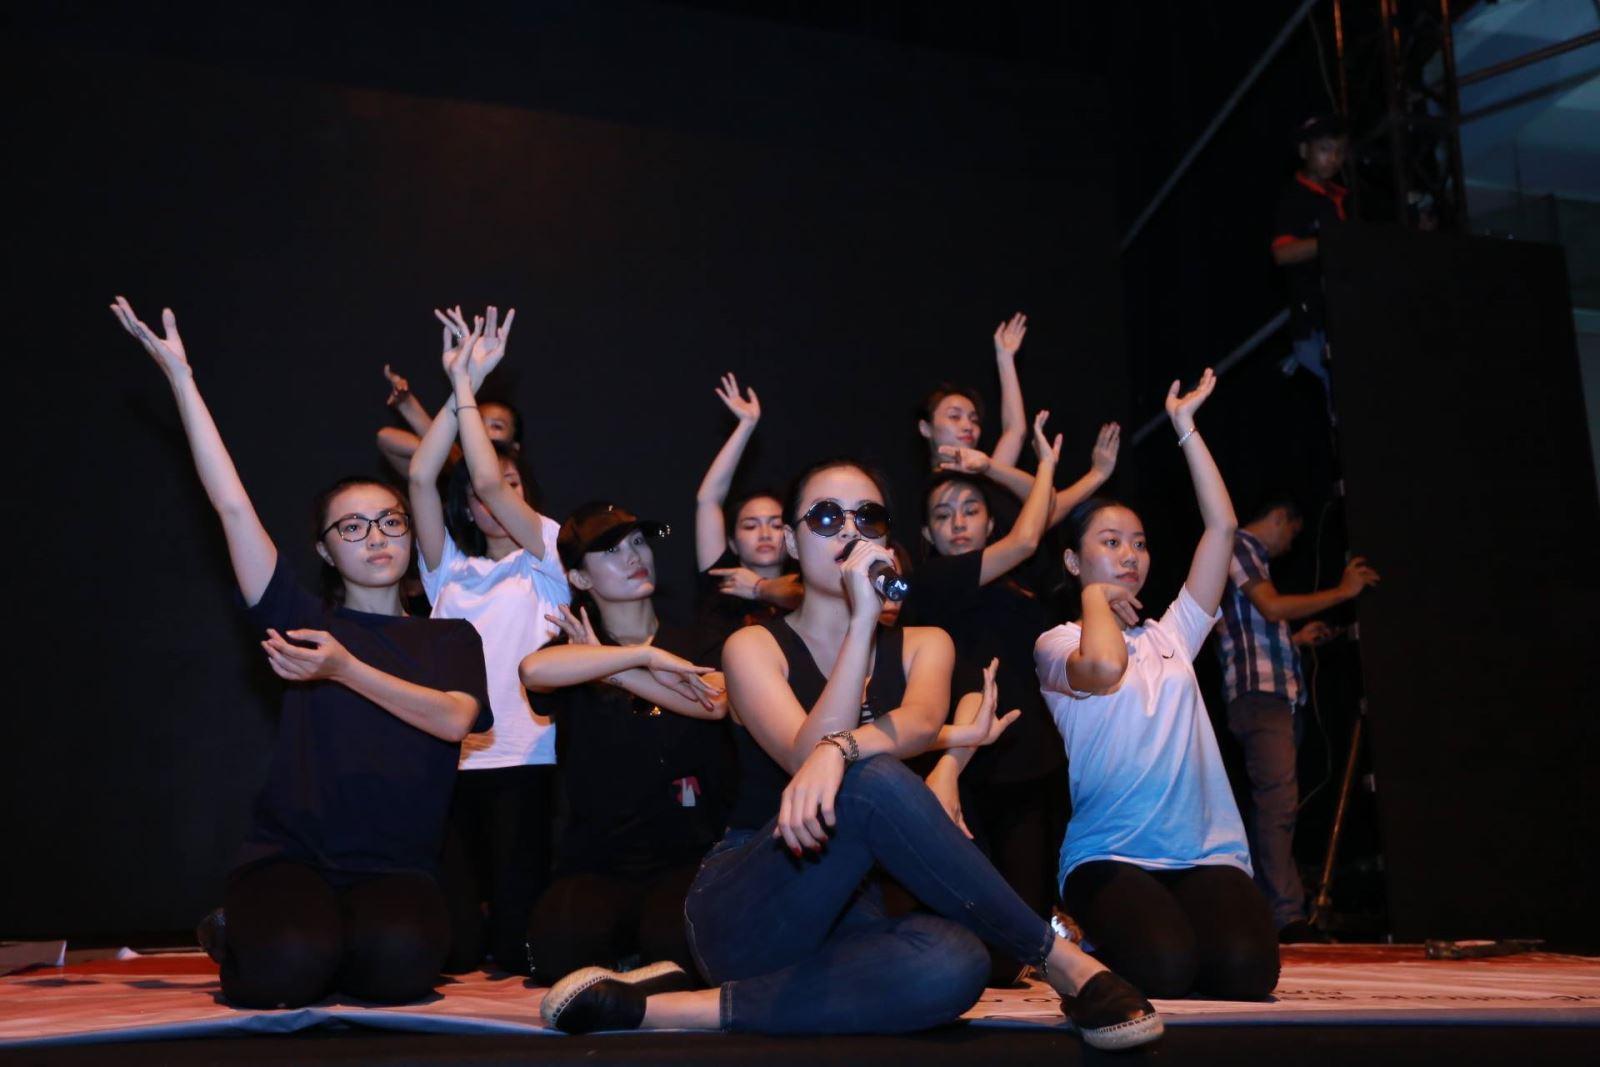 Hoàng Thùy Linh với kính đen, áo croptop và quần jean gọn gàng trong buổi tổng duyệt